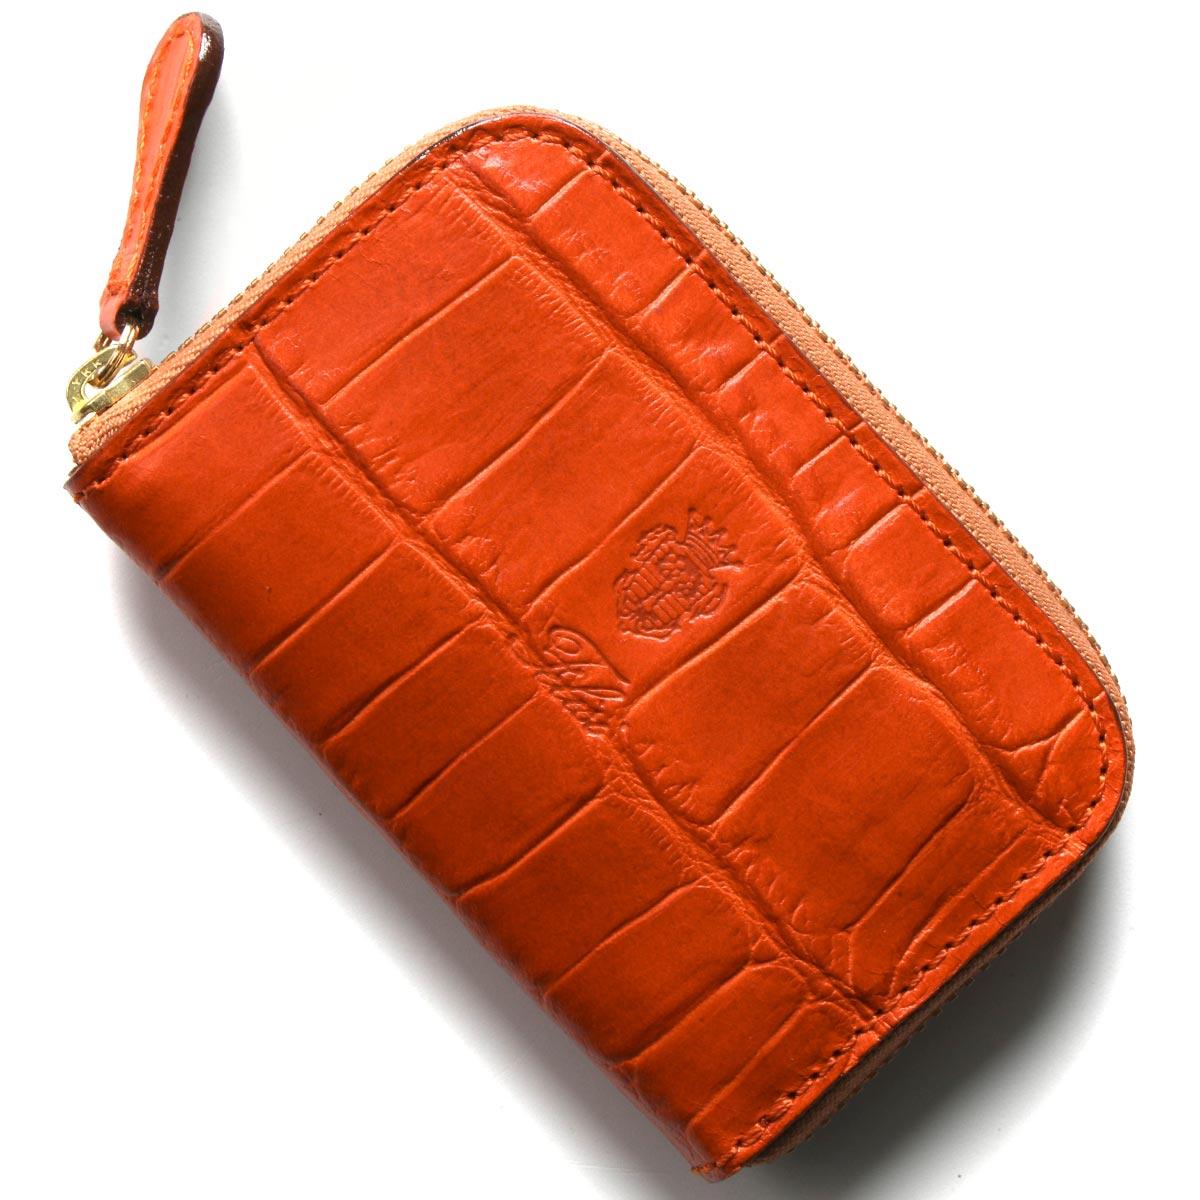 フェリージ コインケース【小銭入れ】 財布 メンズ クロコ型押し アランチョオレンジ 166 SA 0009 FELISI